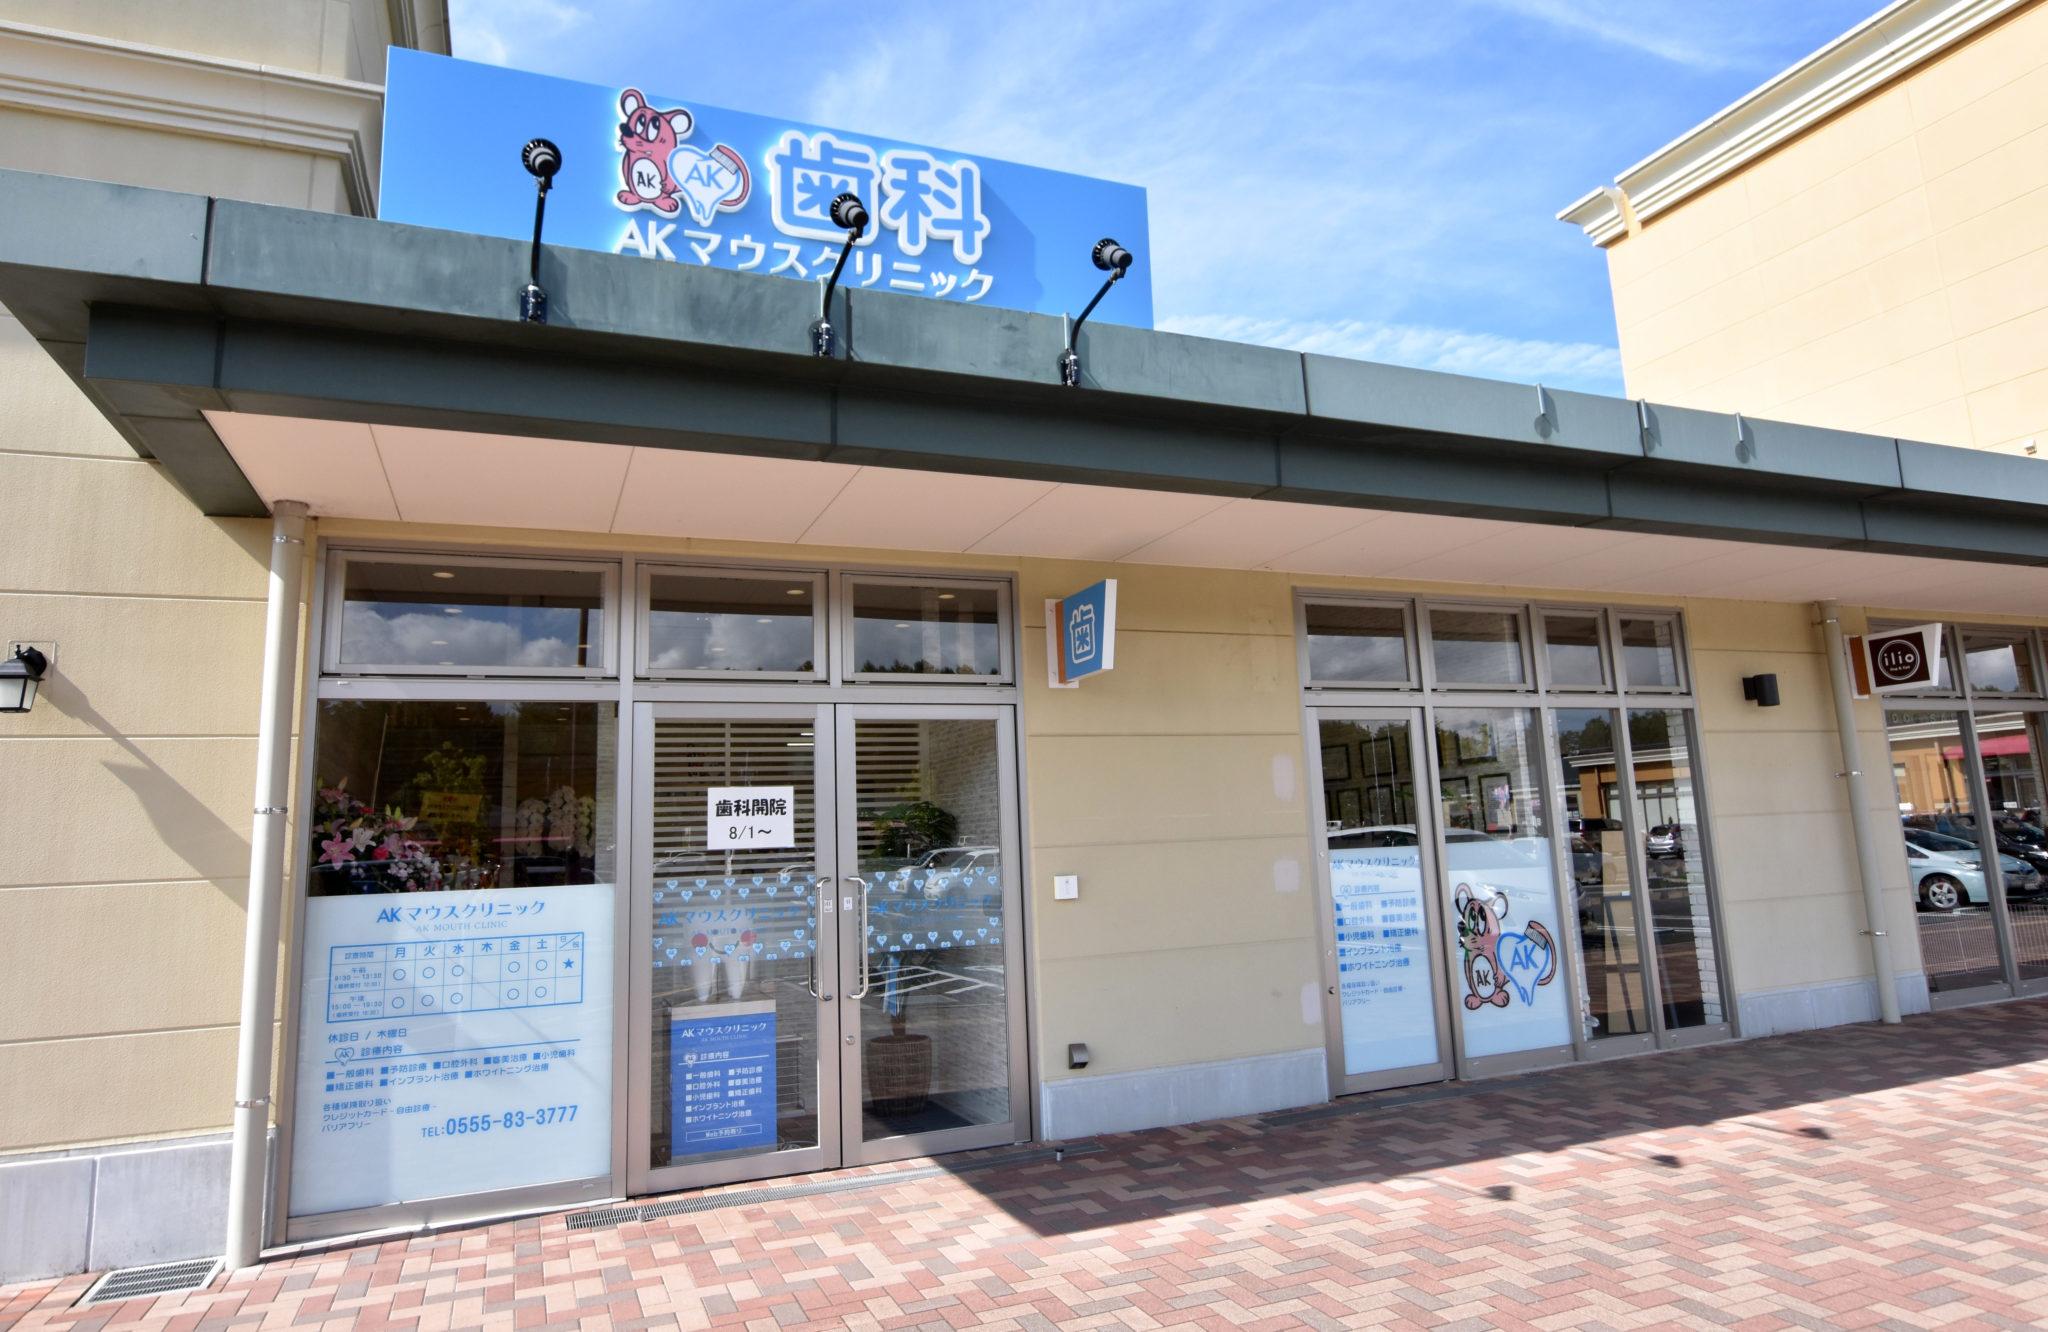 AKマウスクリニック 富士河口湖町 歯科医院 1